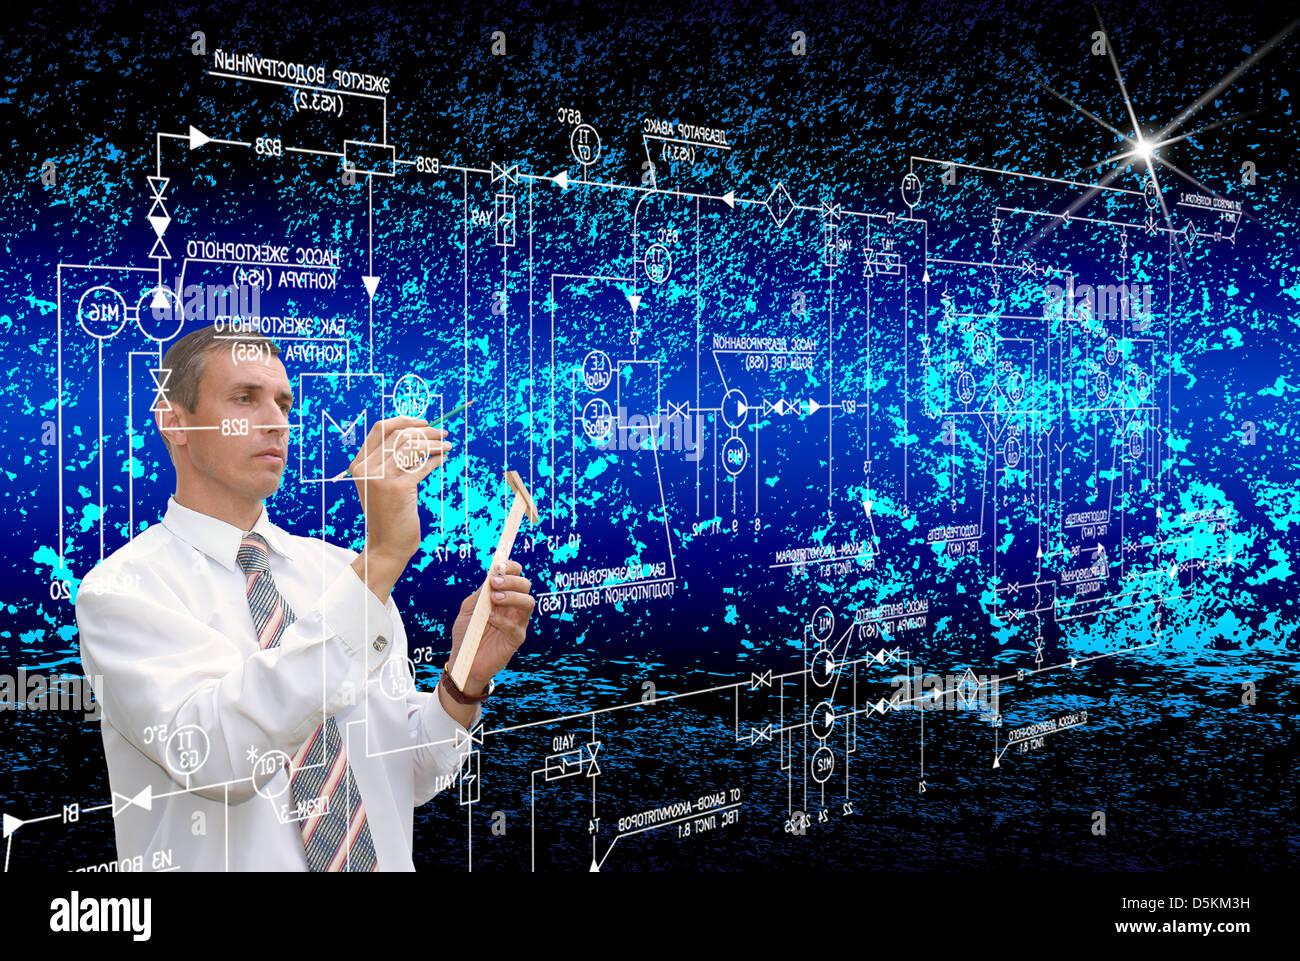 Piscina, fantástica, blanco, todas las noches, en el futuro, cósmica, plan de ingeniería, diseño, Imagen De Stock